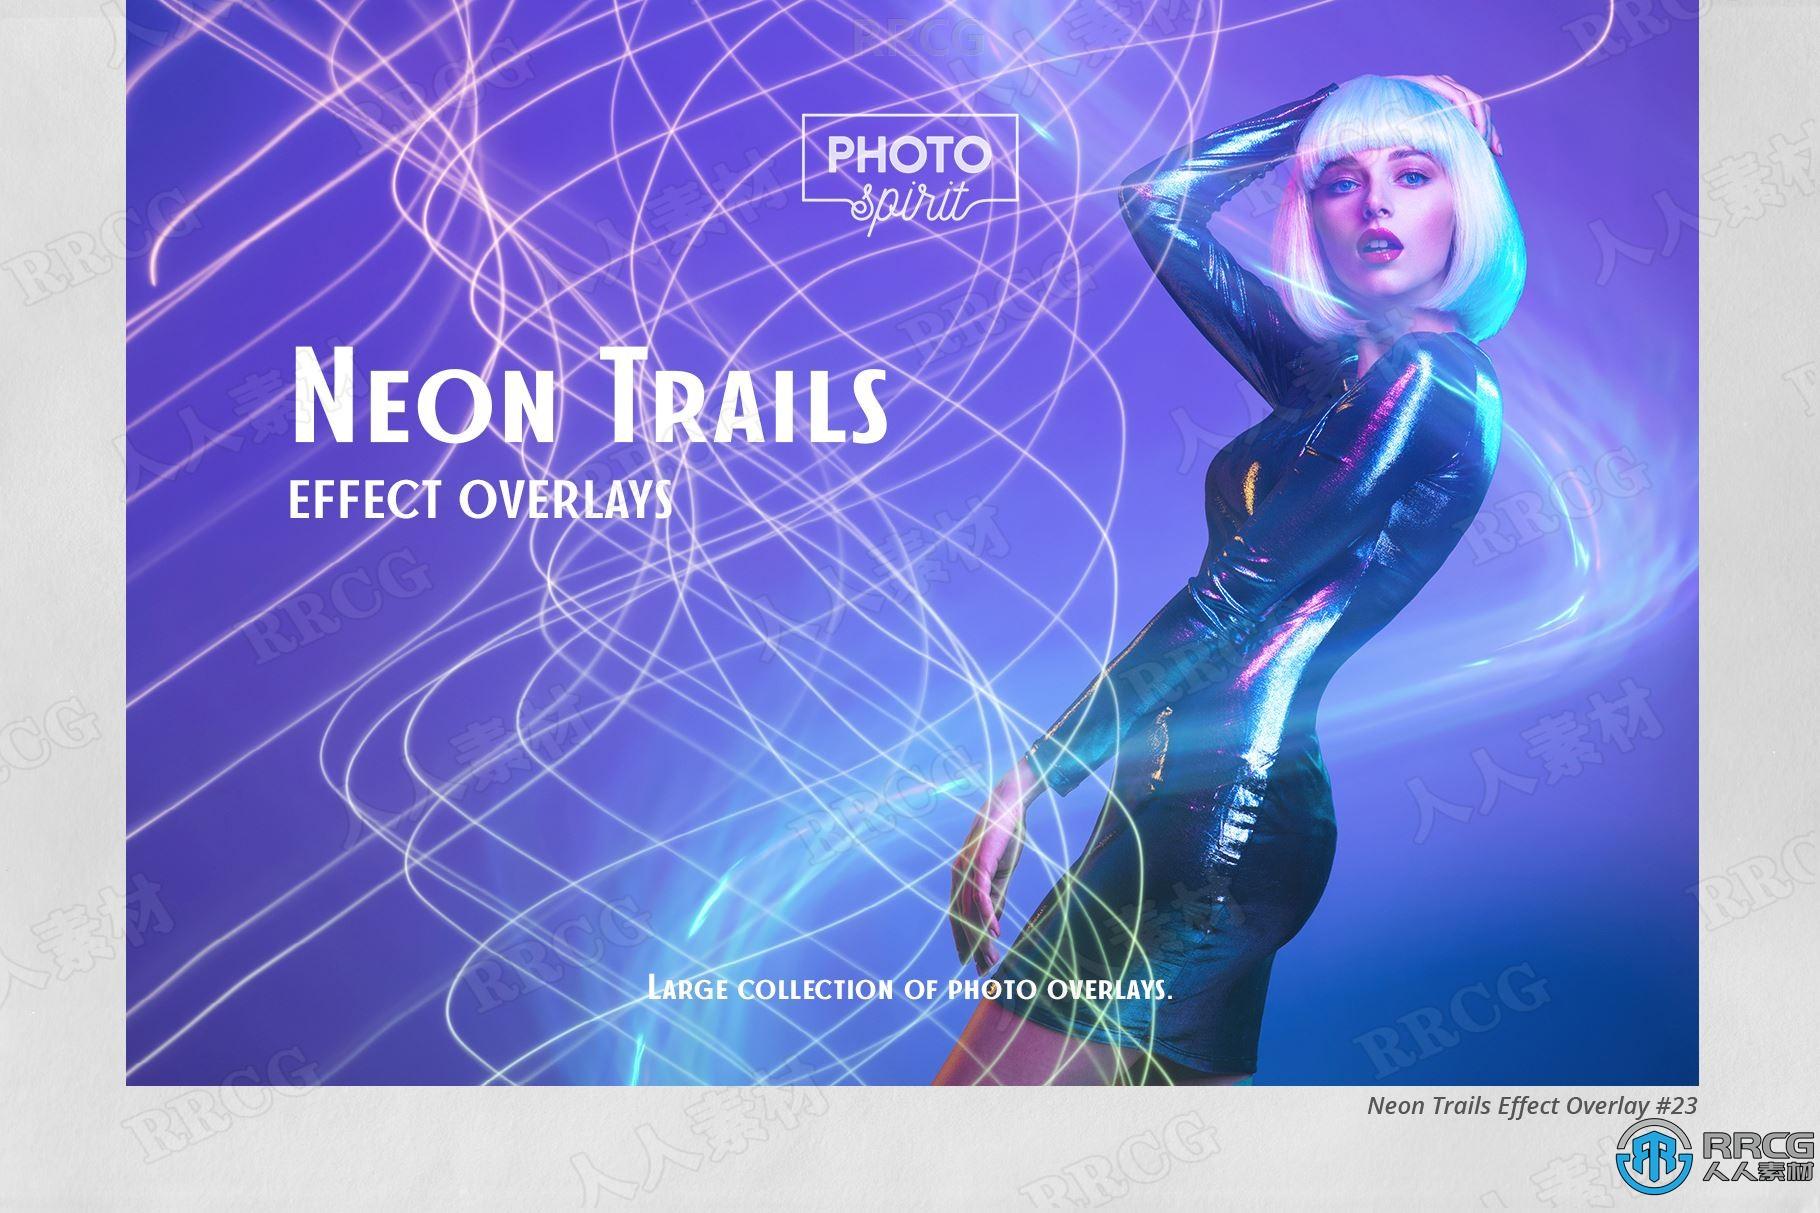 霓虹灯轨迹叠加效果人像艺术图像处理特效PS动作